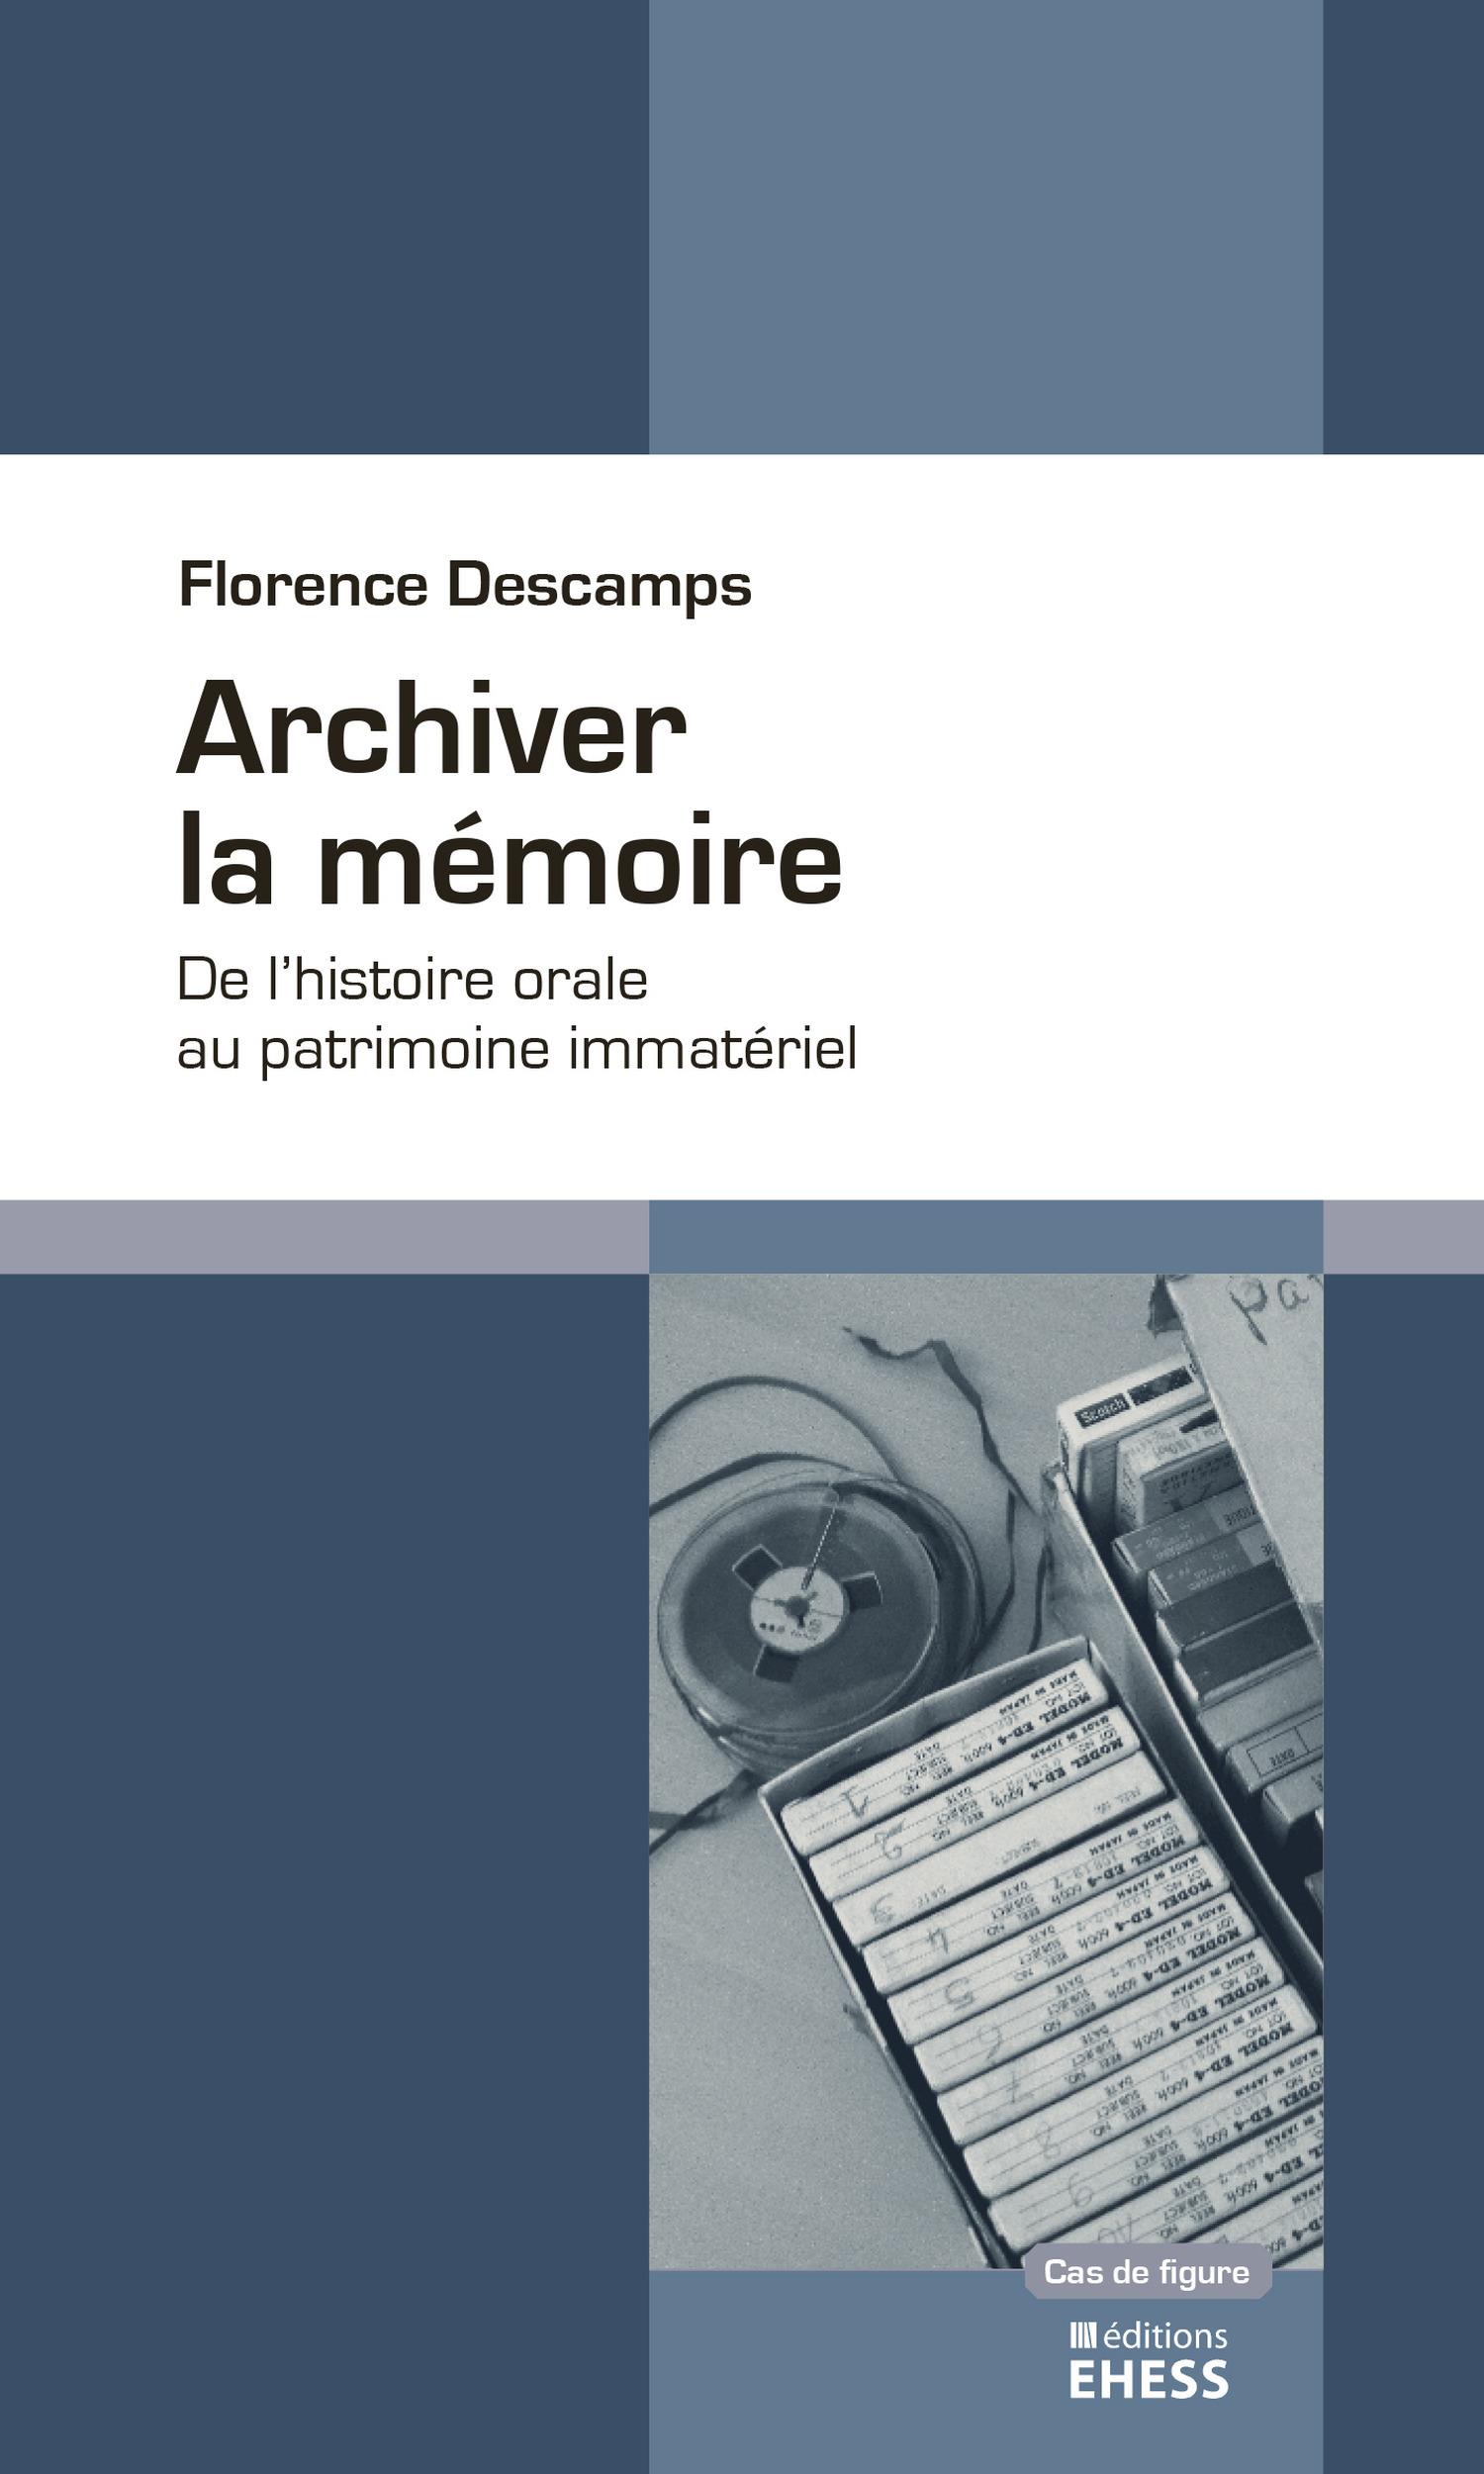 Archiver la mémoire ; de l'histoire orale au patrimoine immatériel